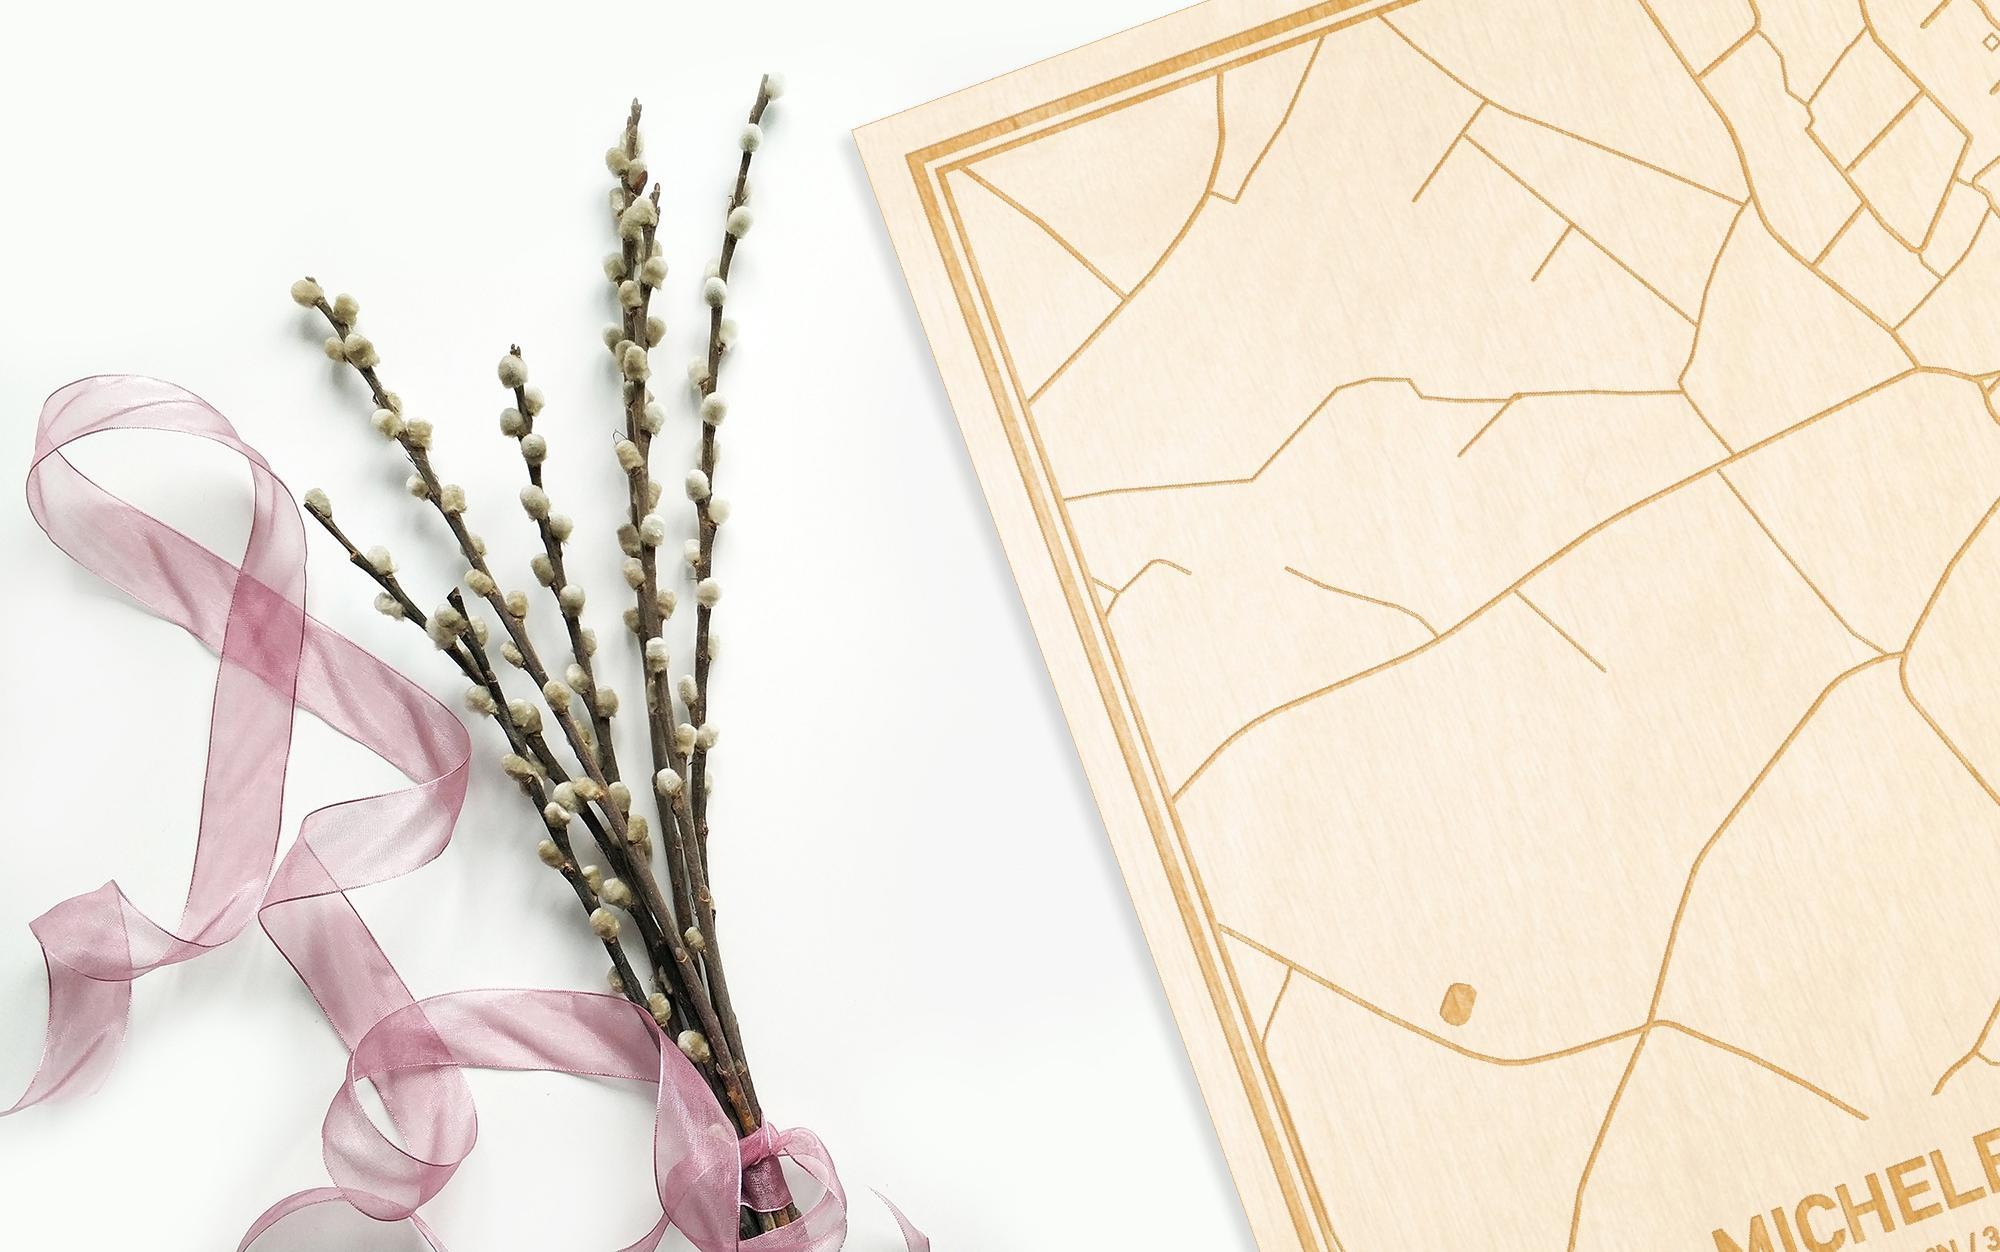 Hier ligt de houten plattegrond Michelbeke naast een bloemetje als gepersonaliseerd cadeau voor haar.